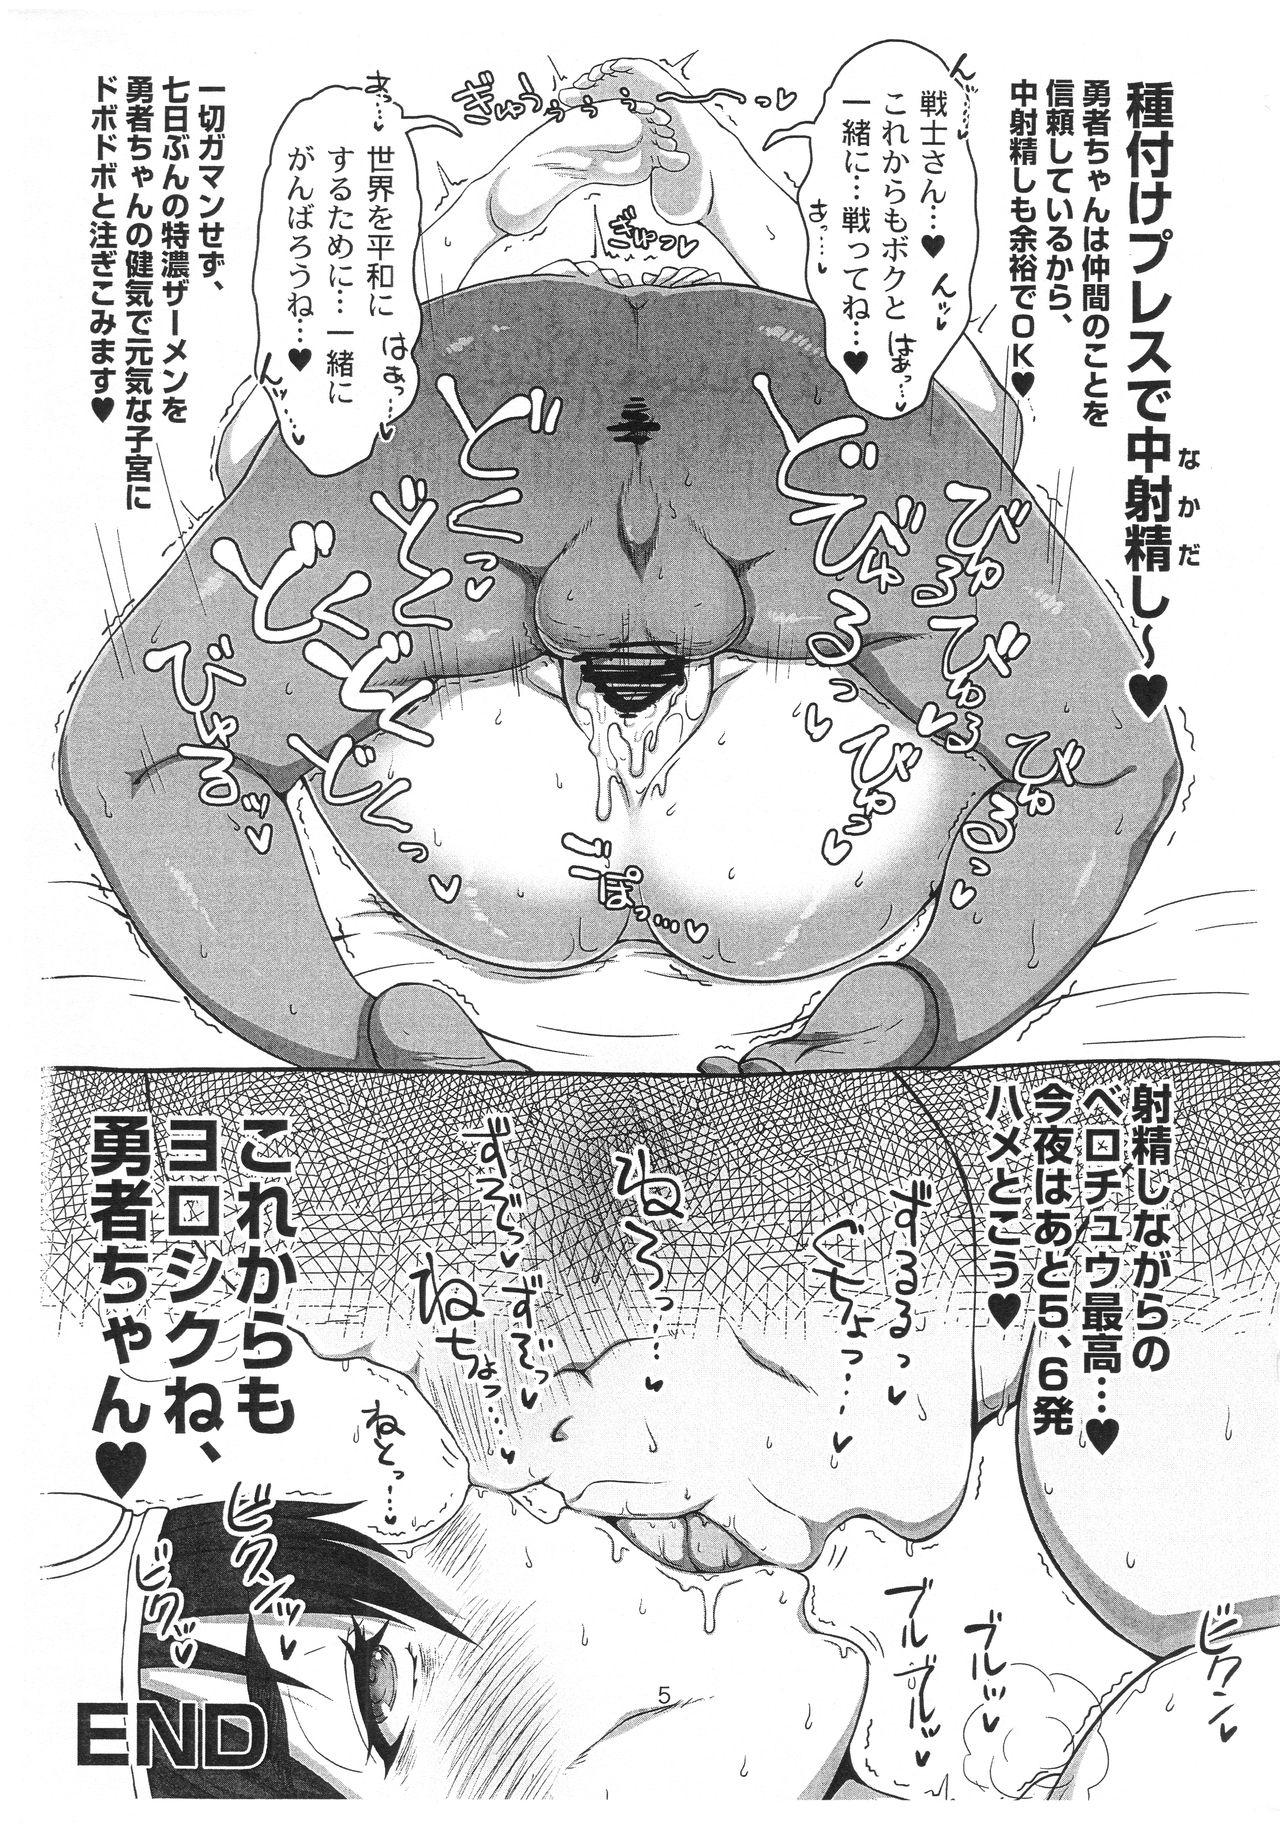 Jo Yuusha wa Tanomuto Setekureru 4